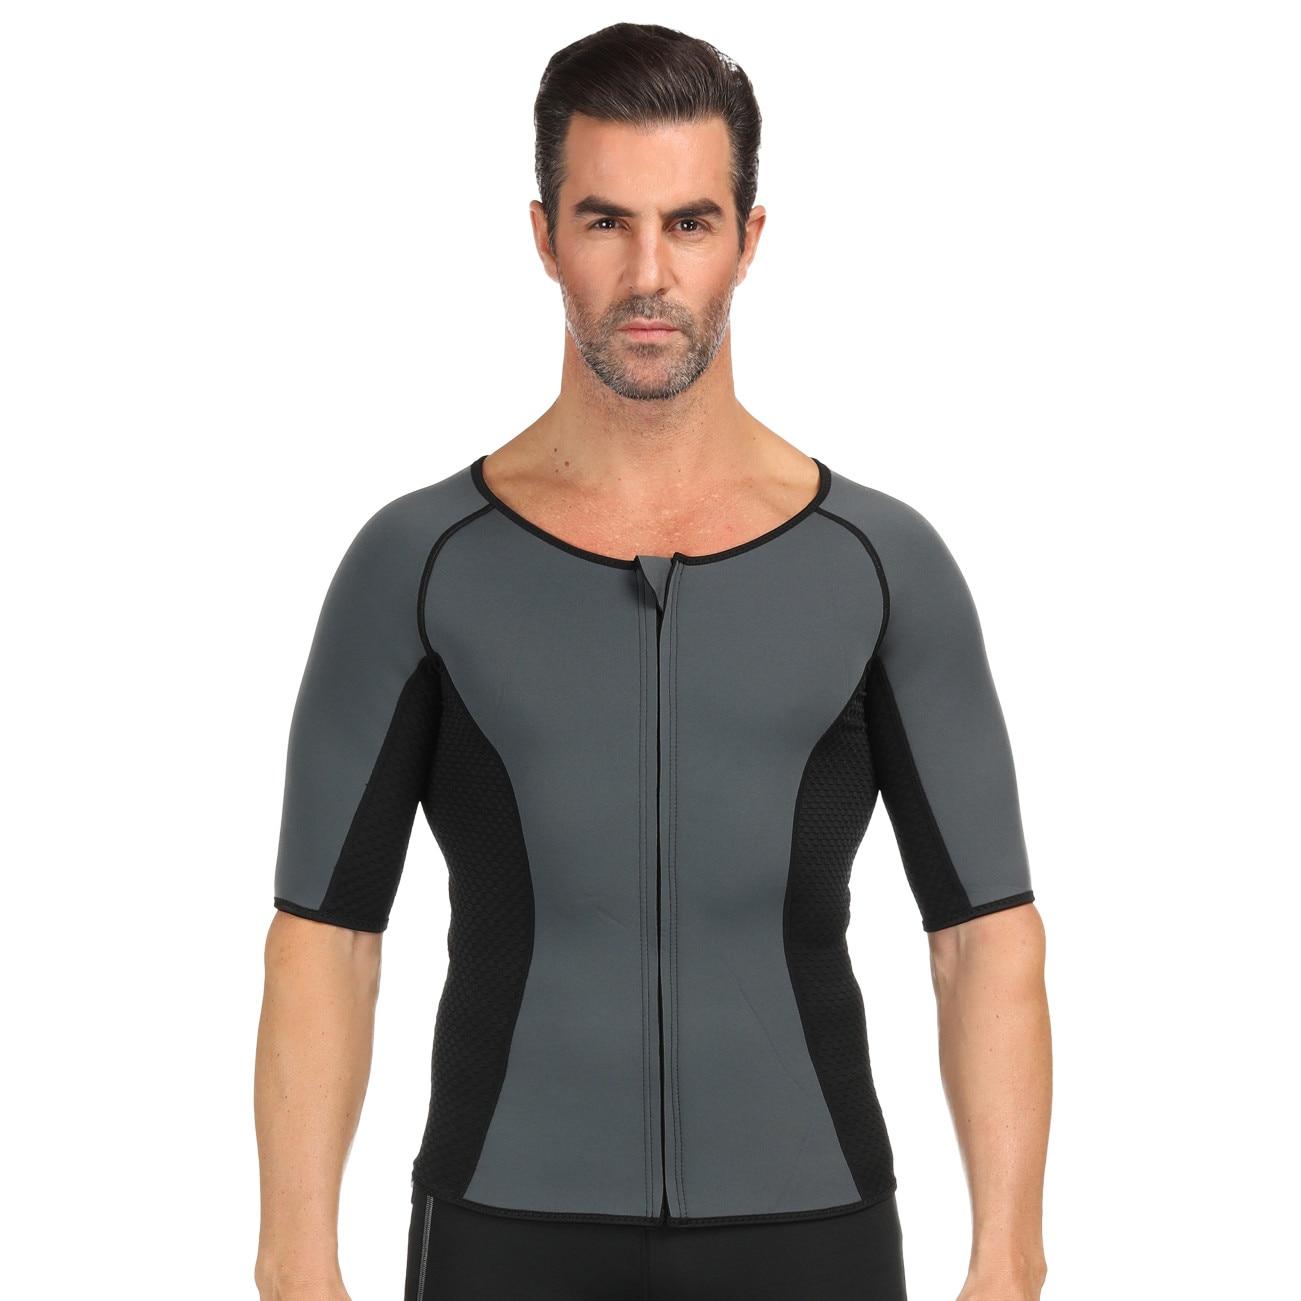 Costum sauna, unisex, premium, pentru slabit, masura M, culoare gri, format din 2 parti